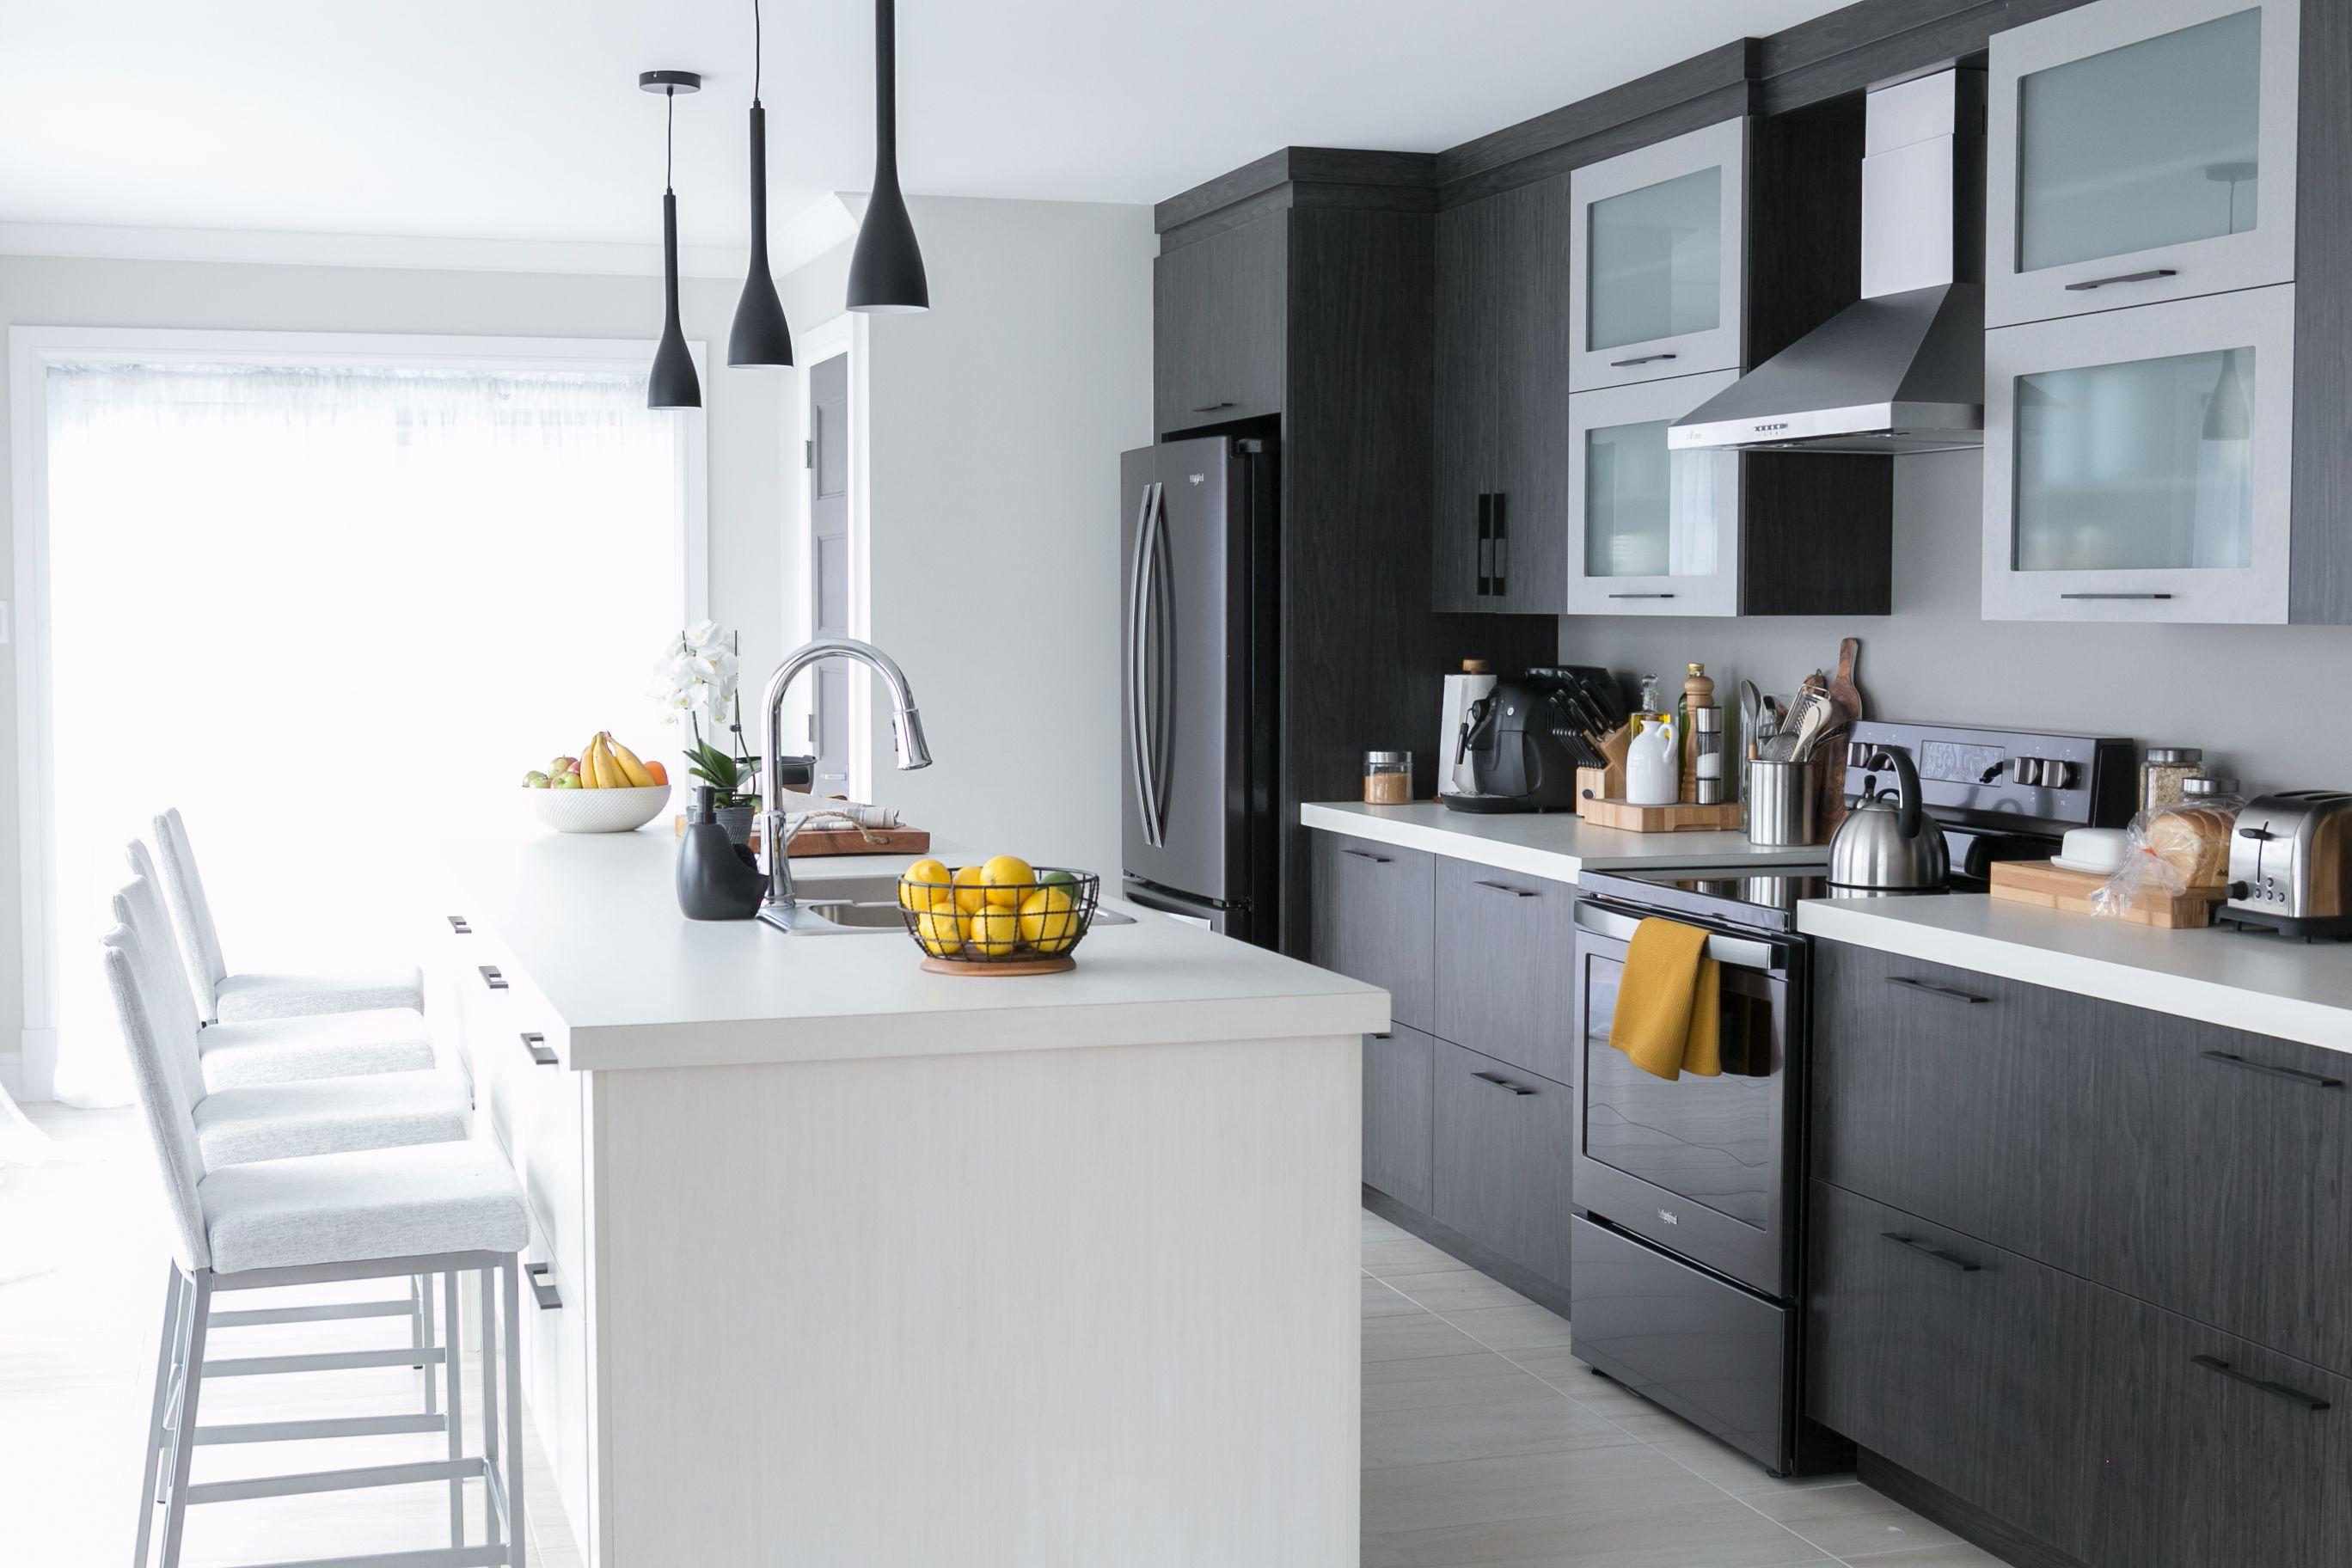 Coup De Coeur Pour Cette Cuisine Moderne Et Elegante Cuisine Kitchen Style Gris Grey Interieur Interior Design Diy Kitchen Kitchen Kitchen Benches